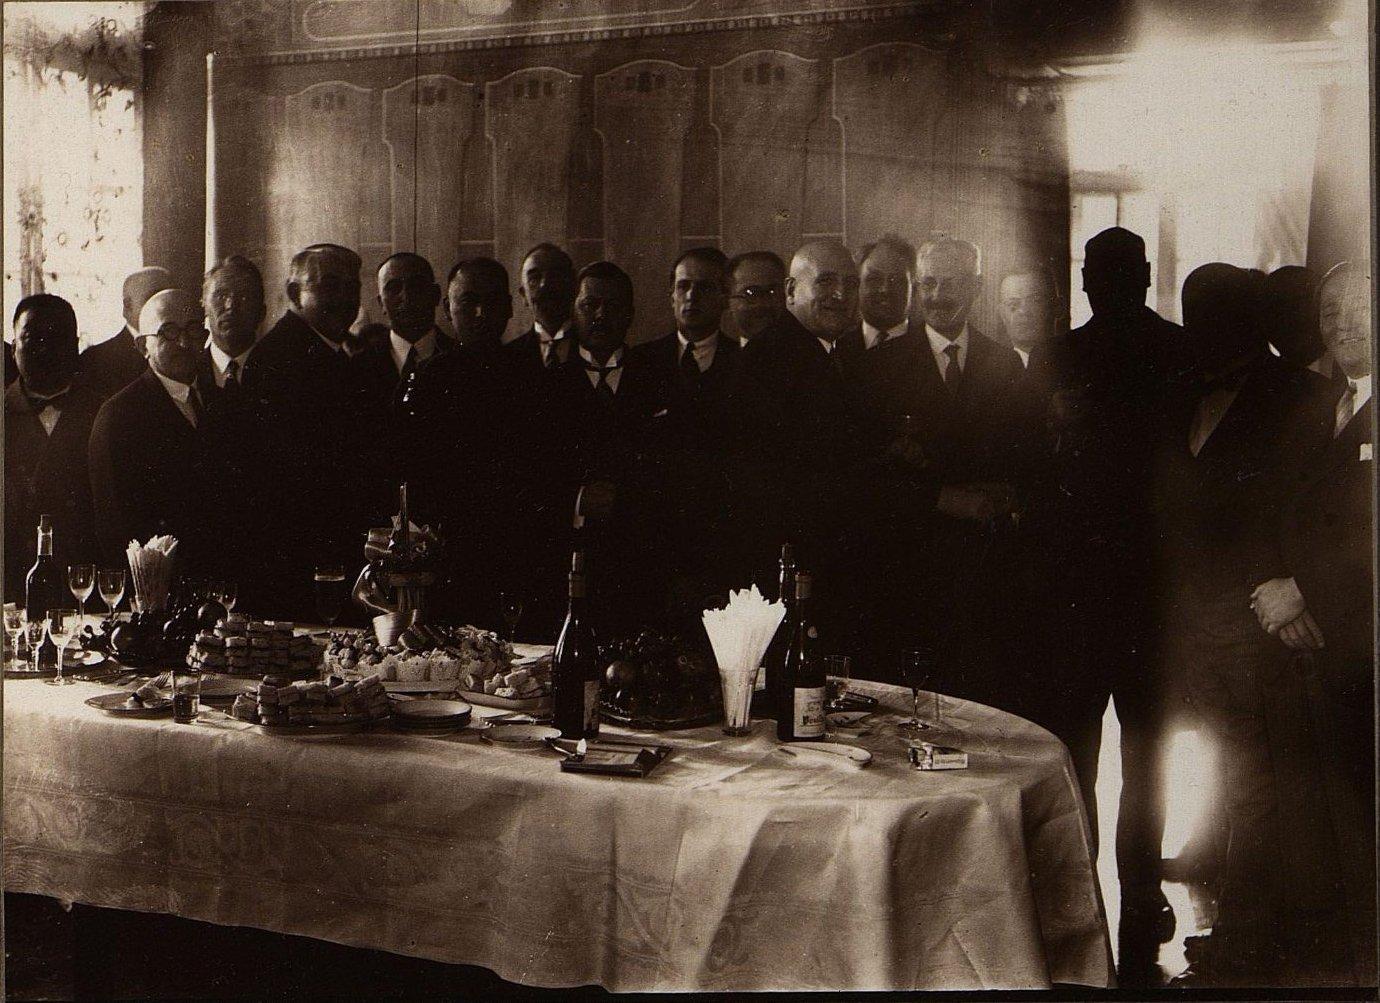 1931. Прием в Чехословацком консульстве. Харбин